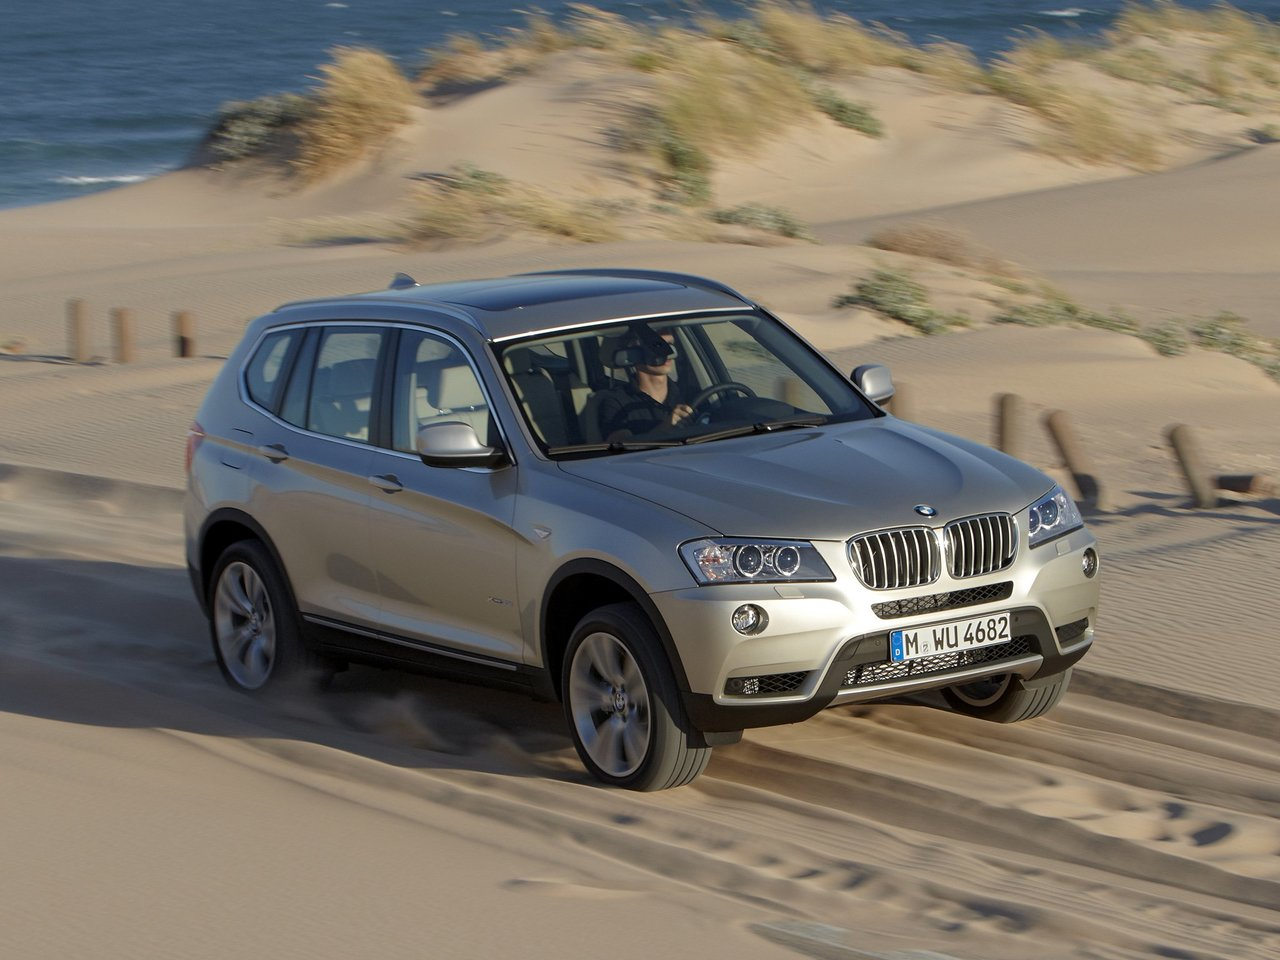 bmw x3 20d (5.6 л.) 2011 цена